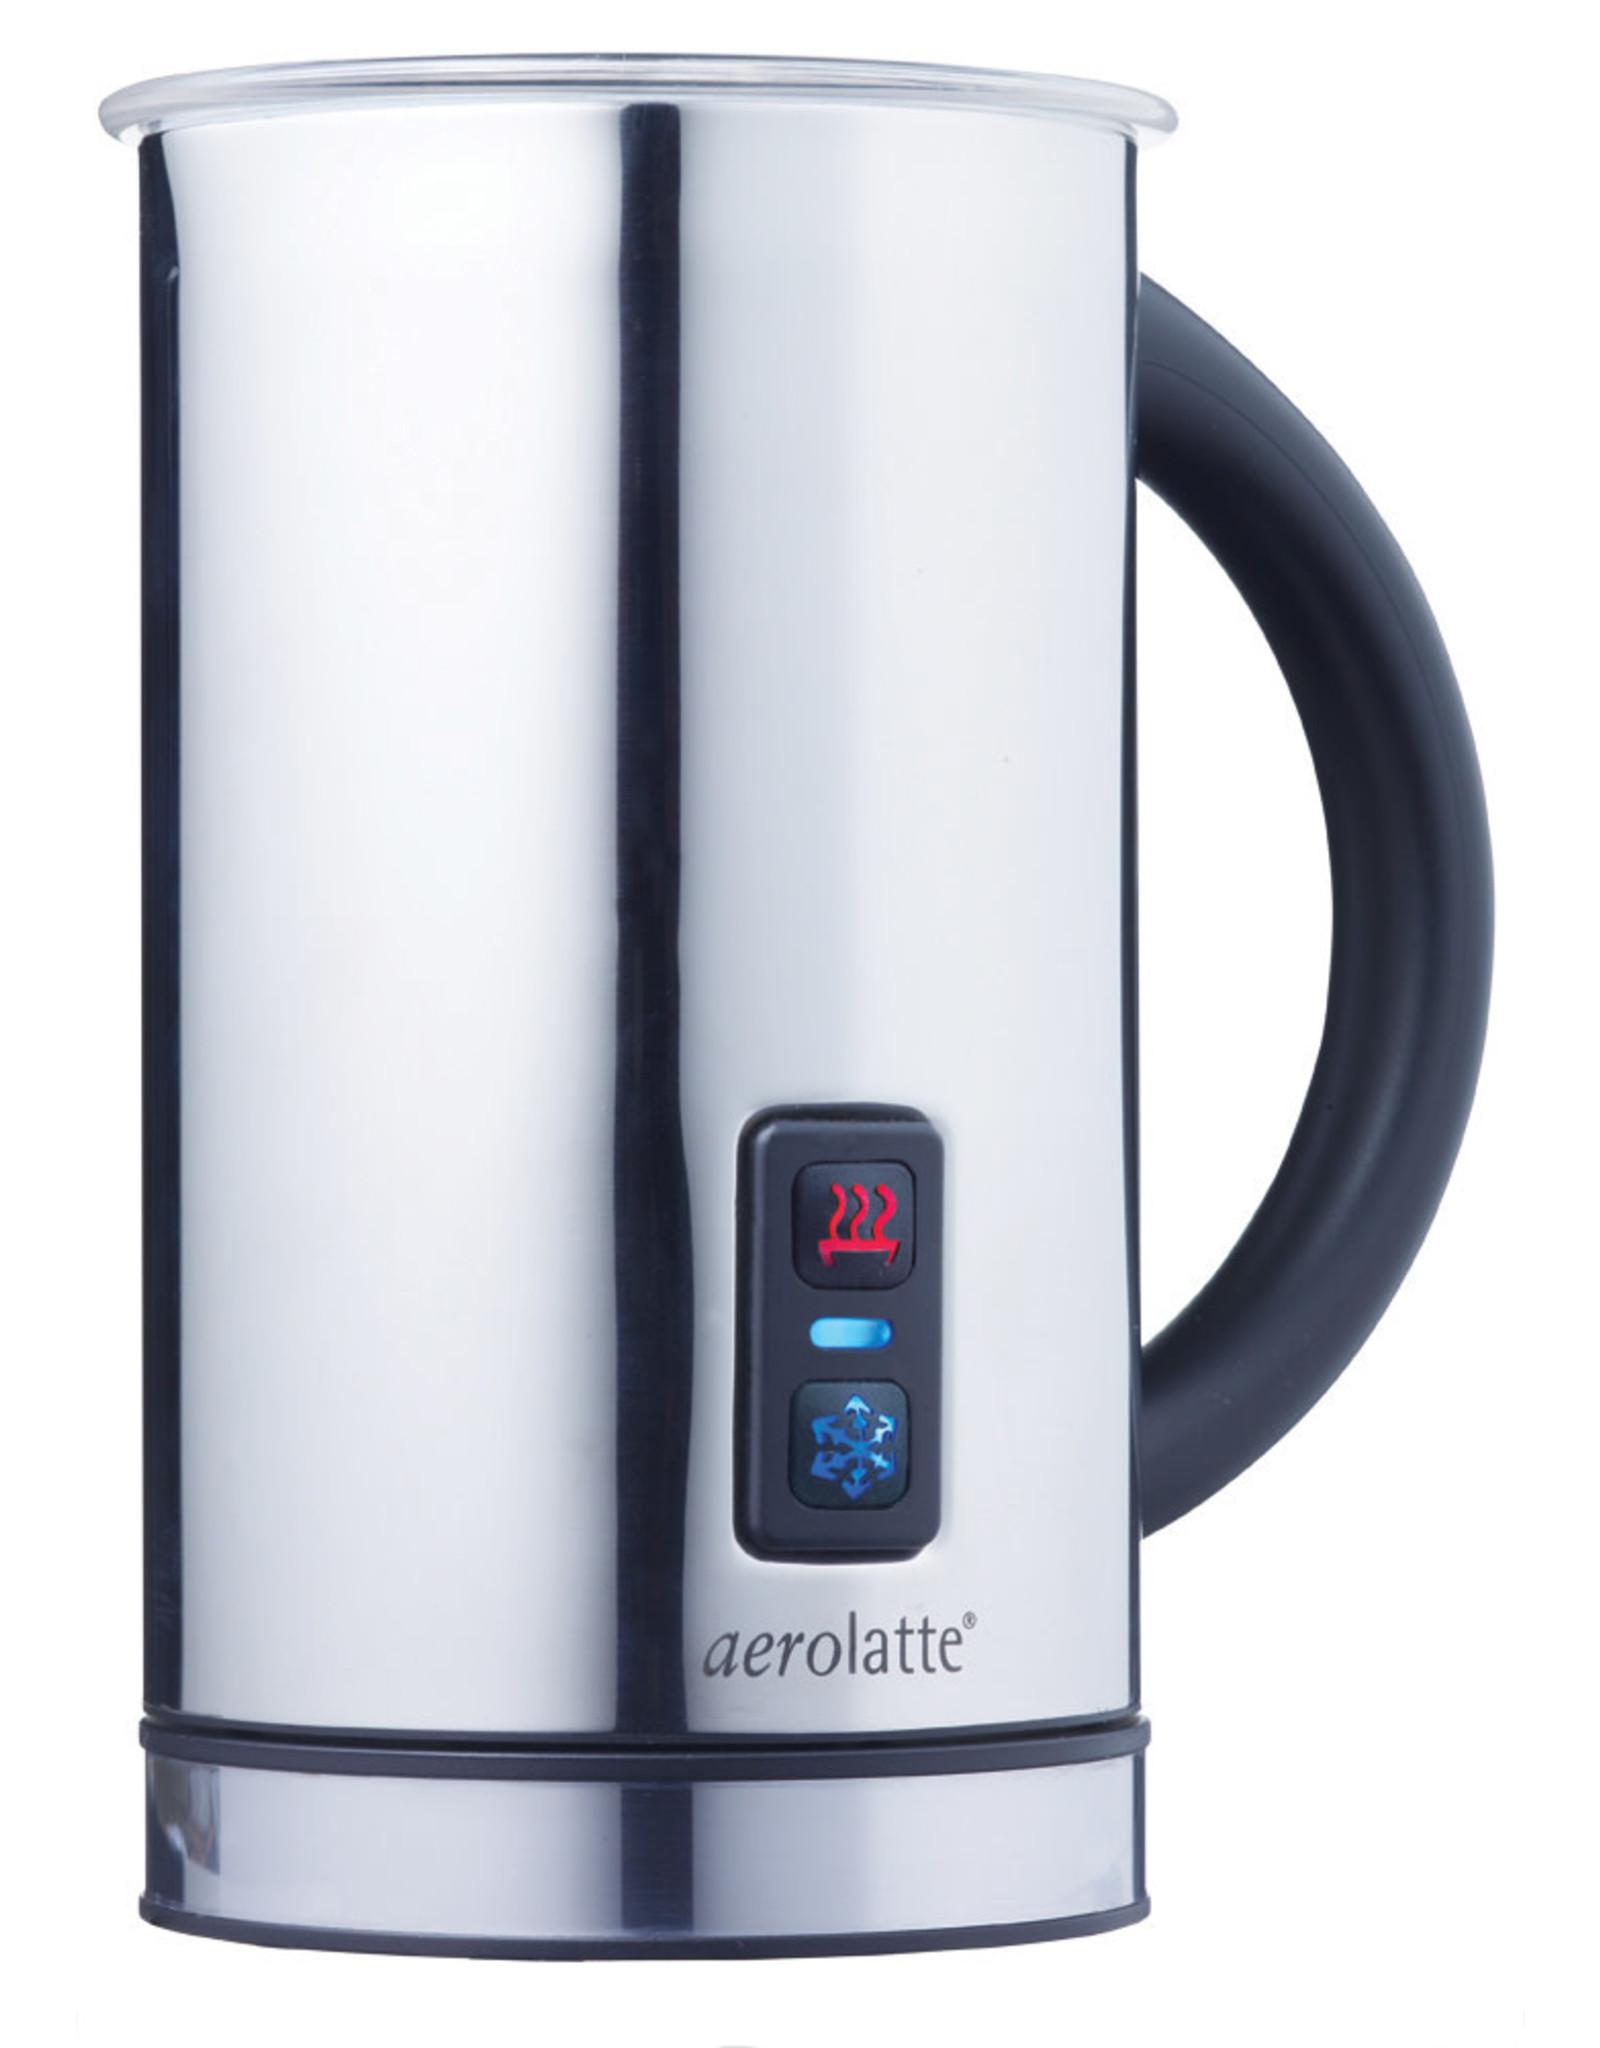 AEROLATTE AEROLATTE 12900016 MELK OPSCHUIMER COMPACT